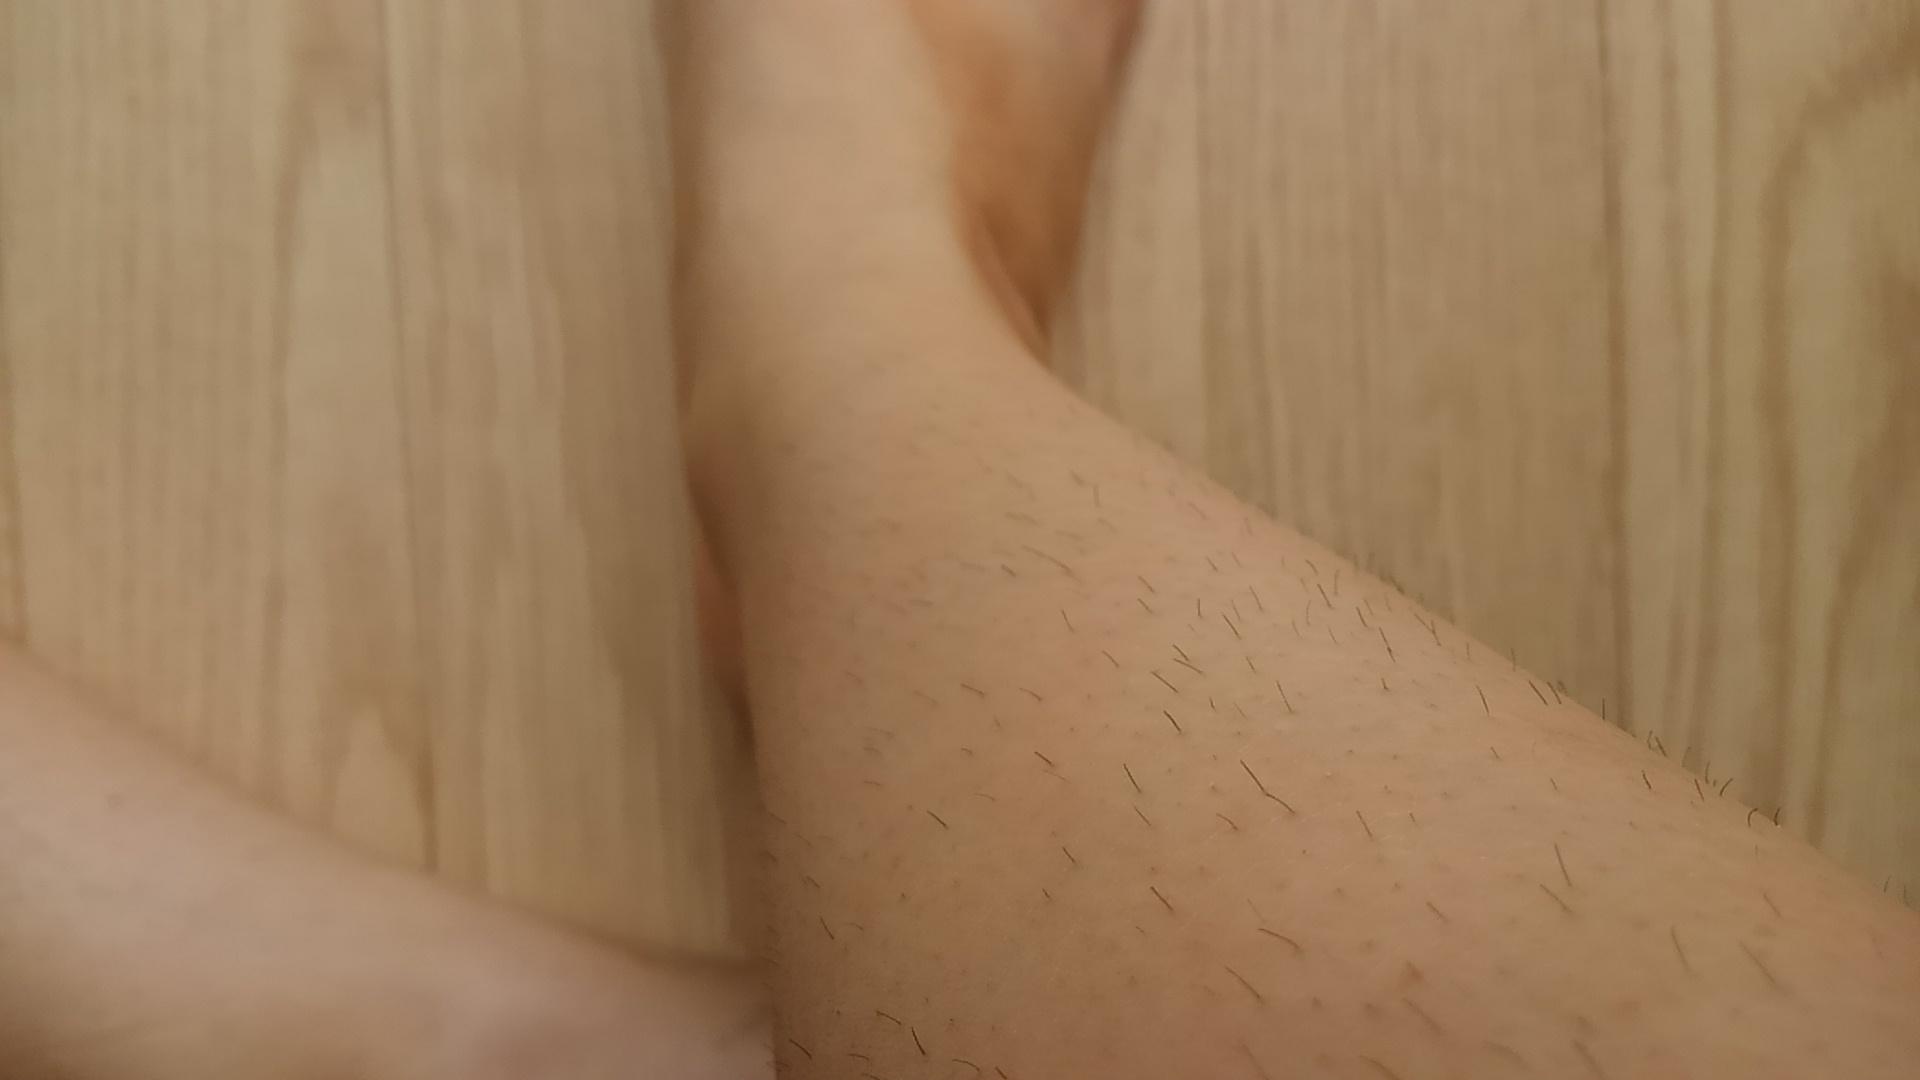 ムダ毛処理後のチクチクをなんとかしたい!つるすべ肌を維持できる方法